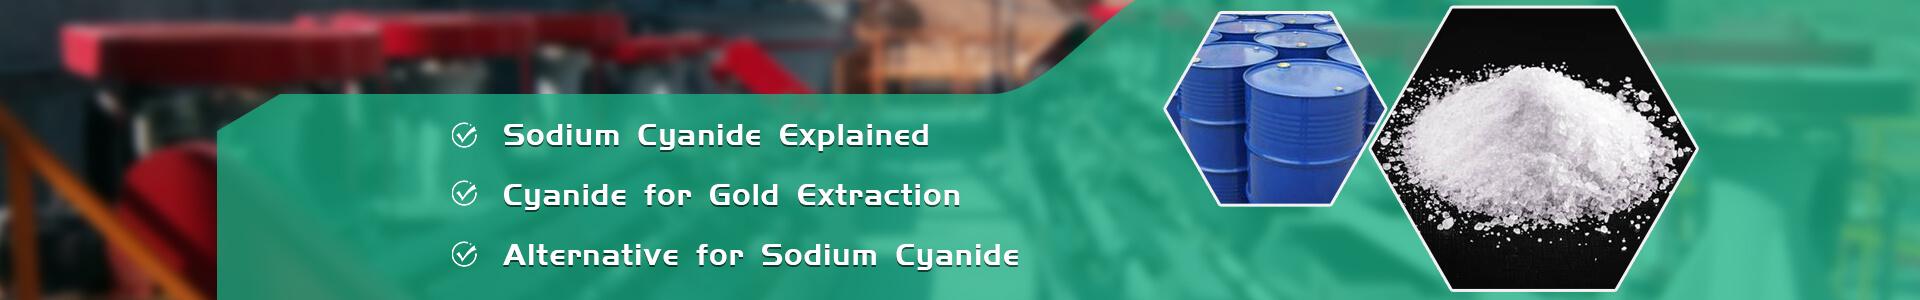 Sodium Cyanide Explained